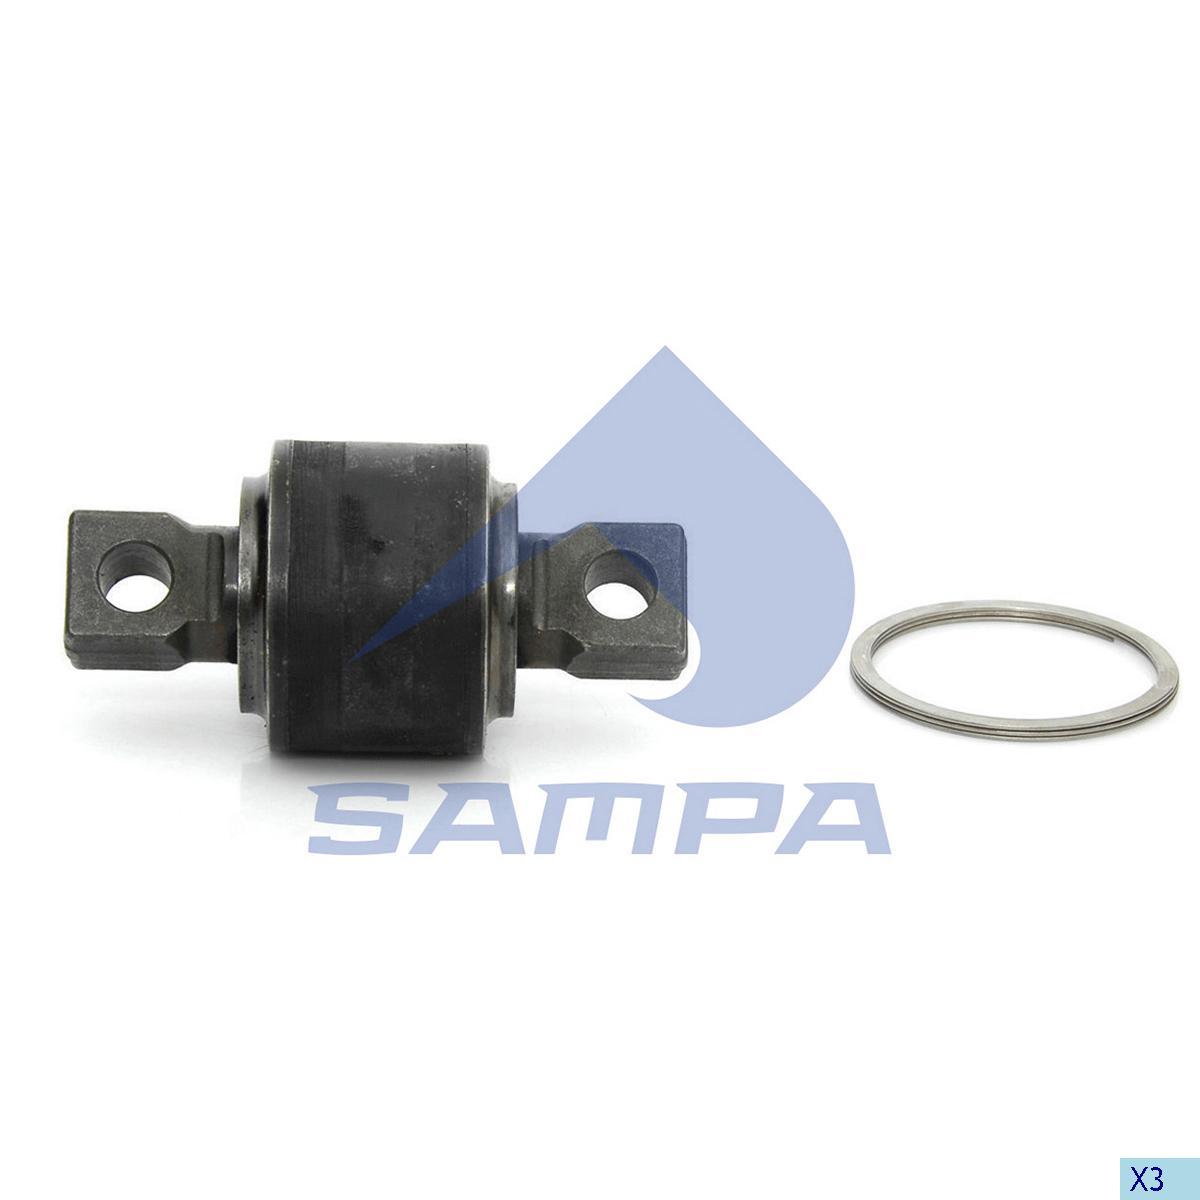 Repair Kit, Axle Rod, Scania, Suspension